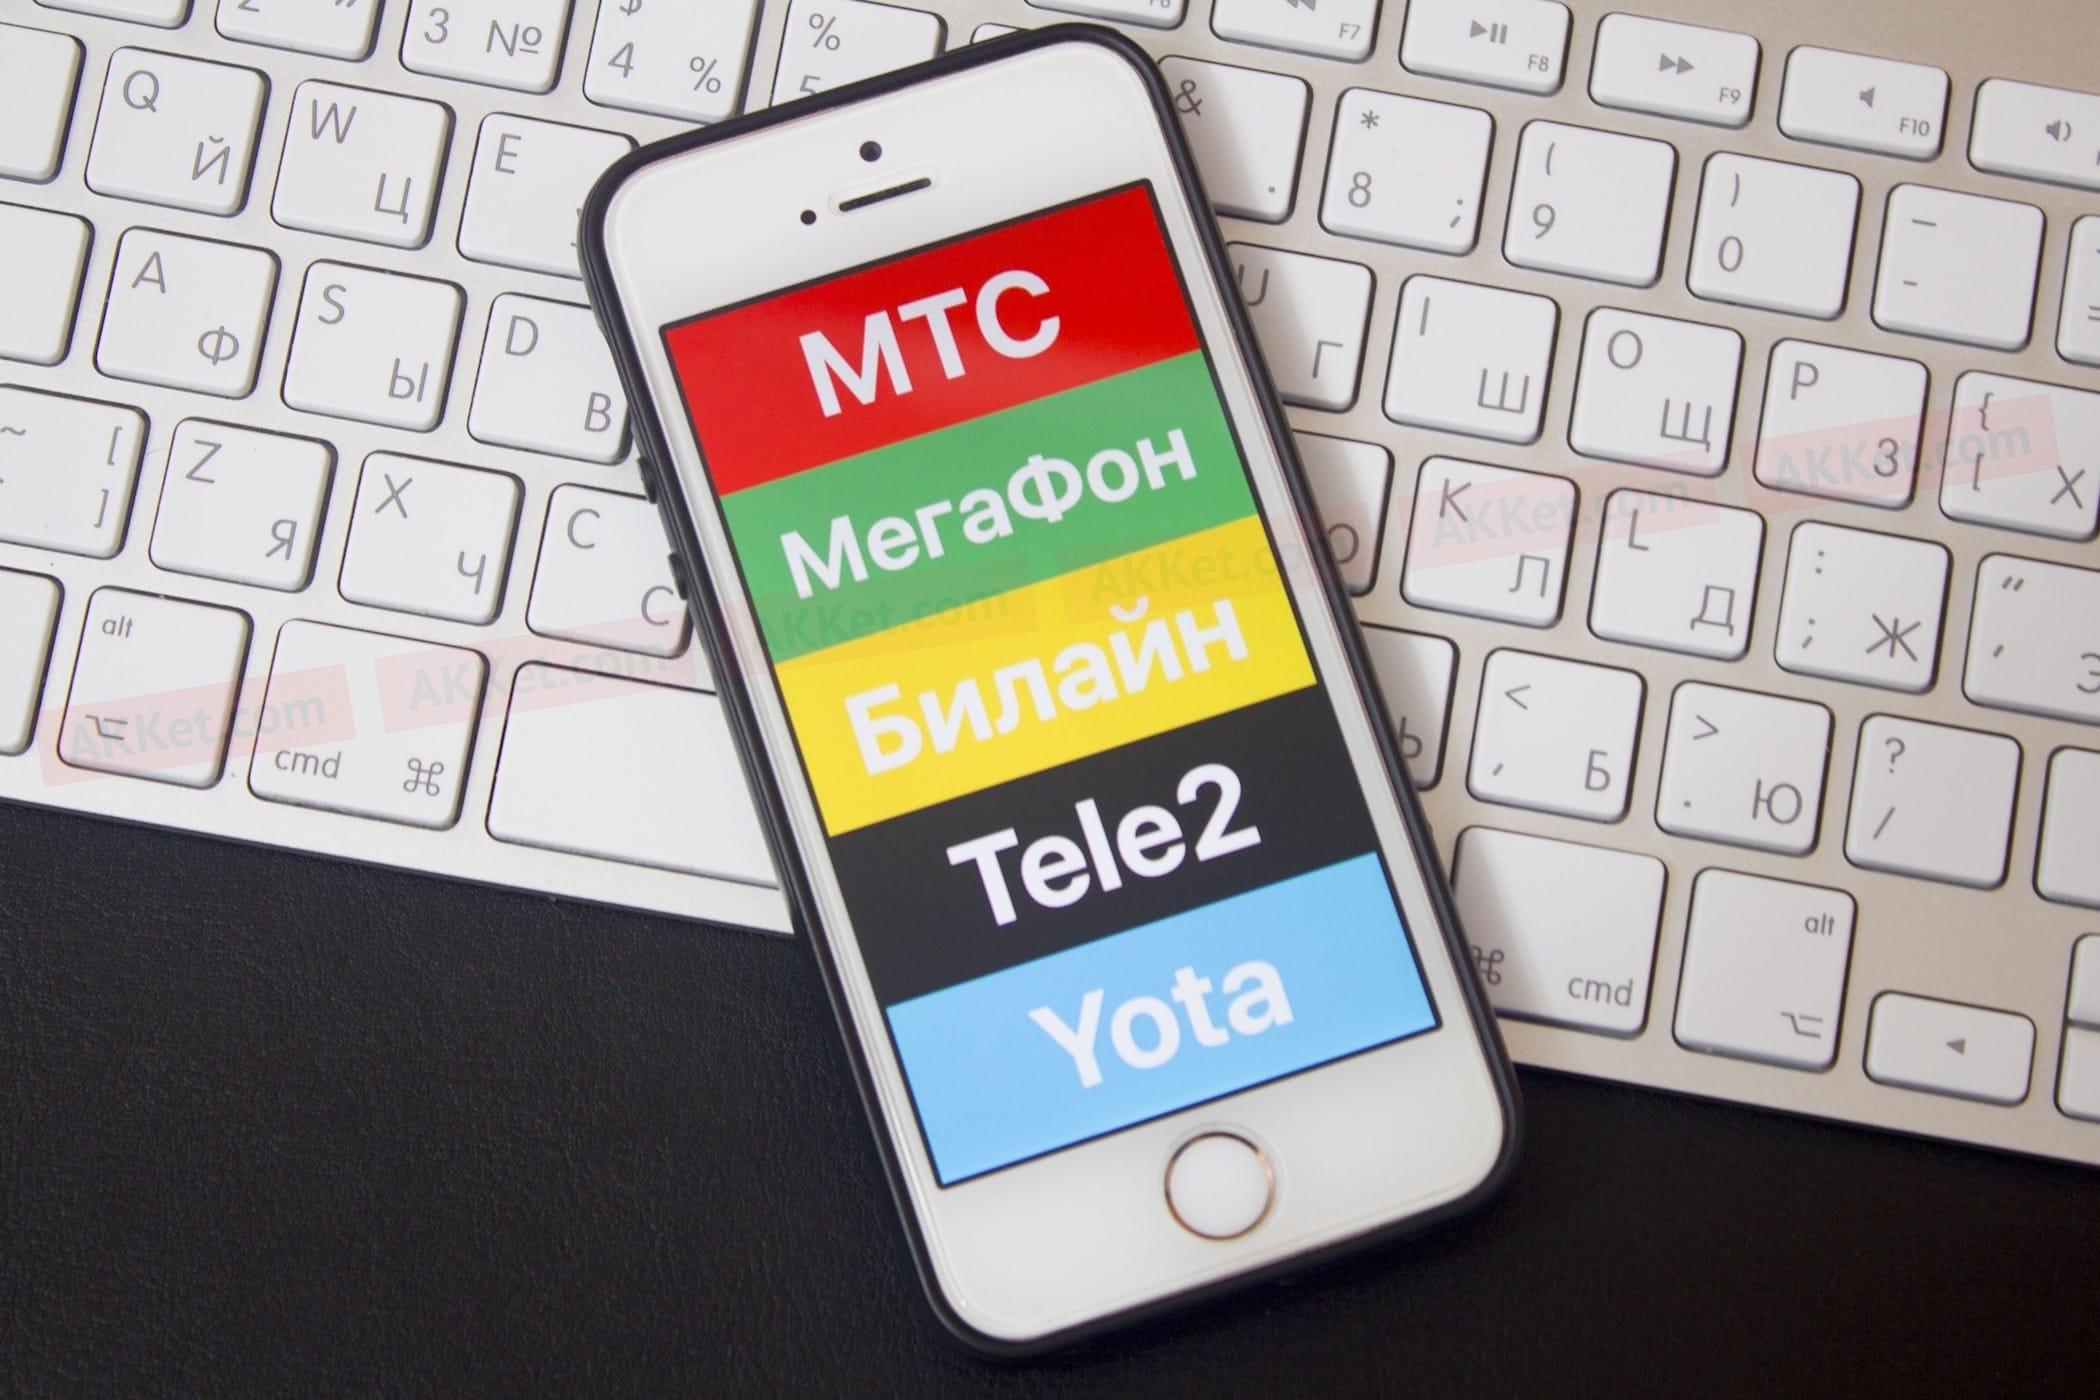 операторы мобильной связи